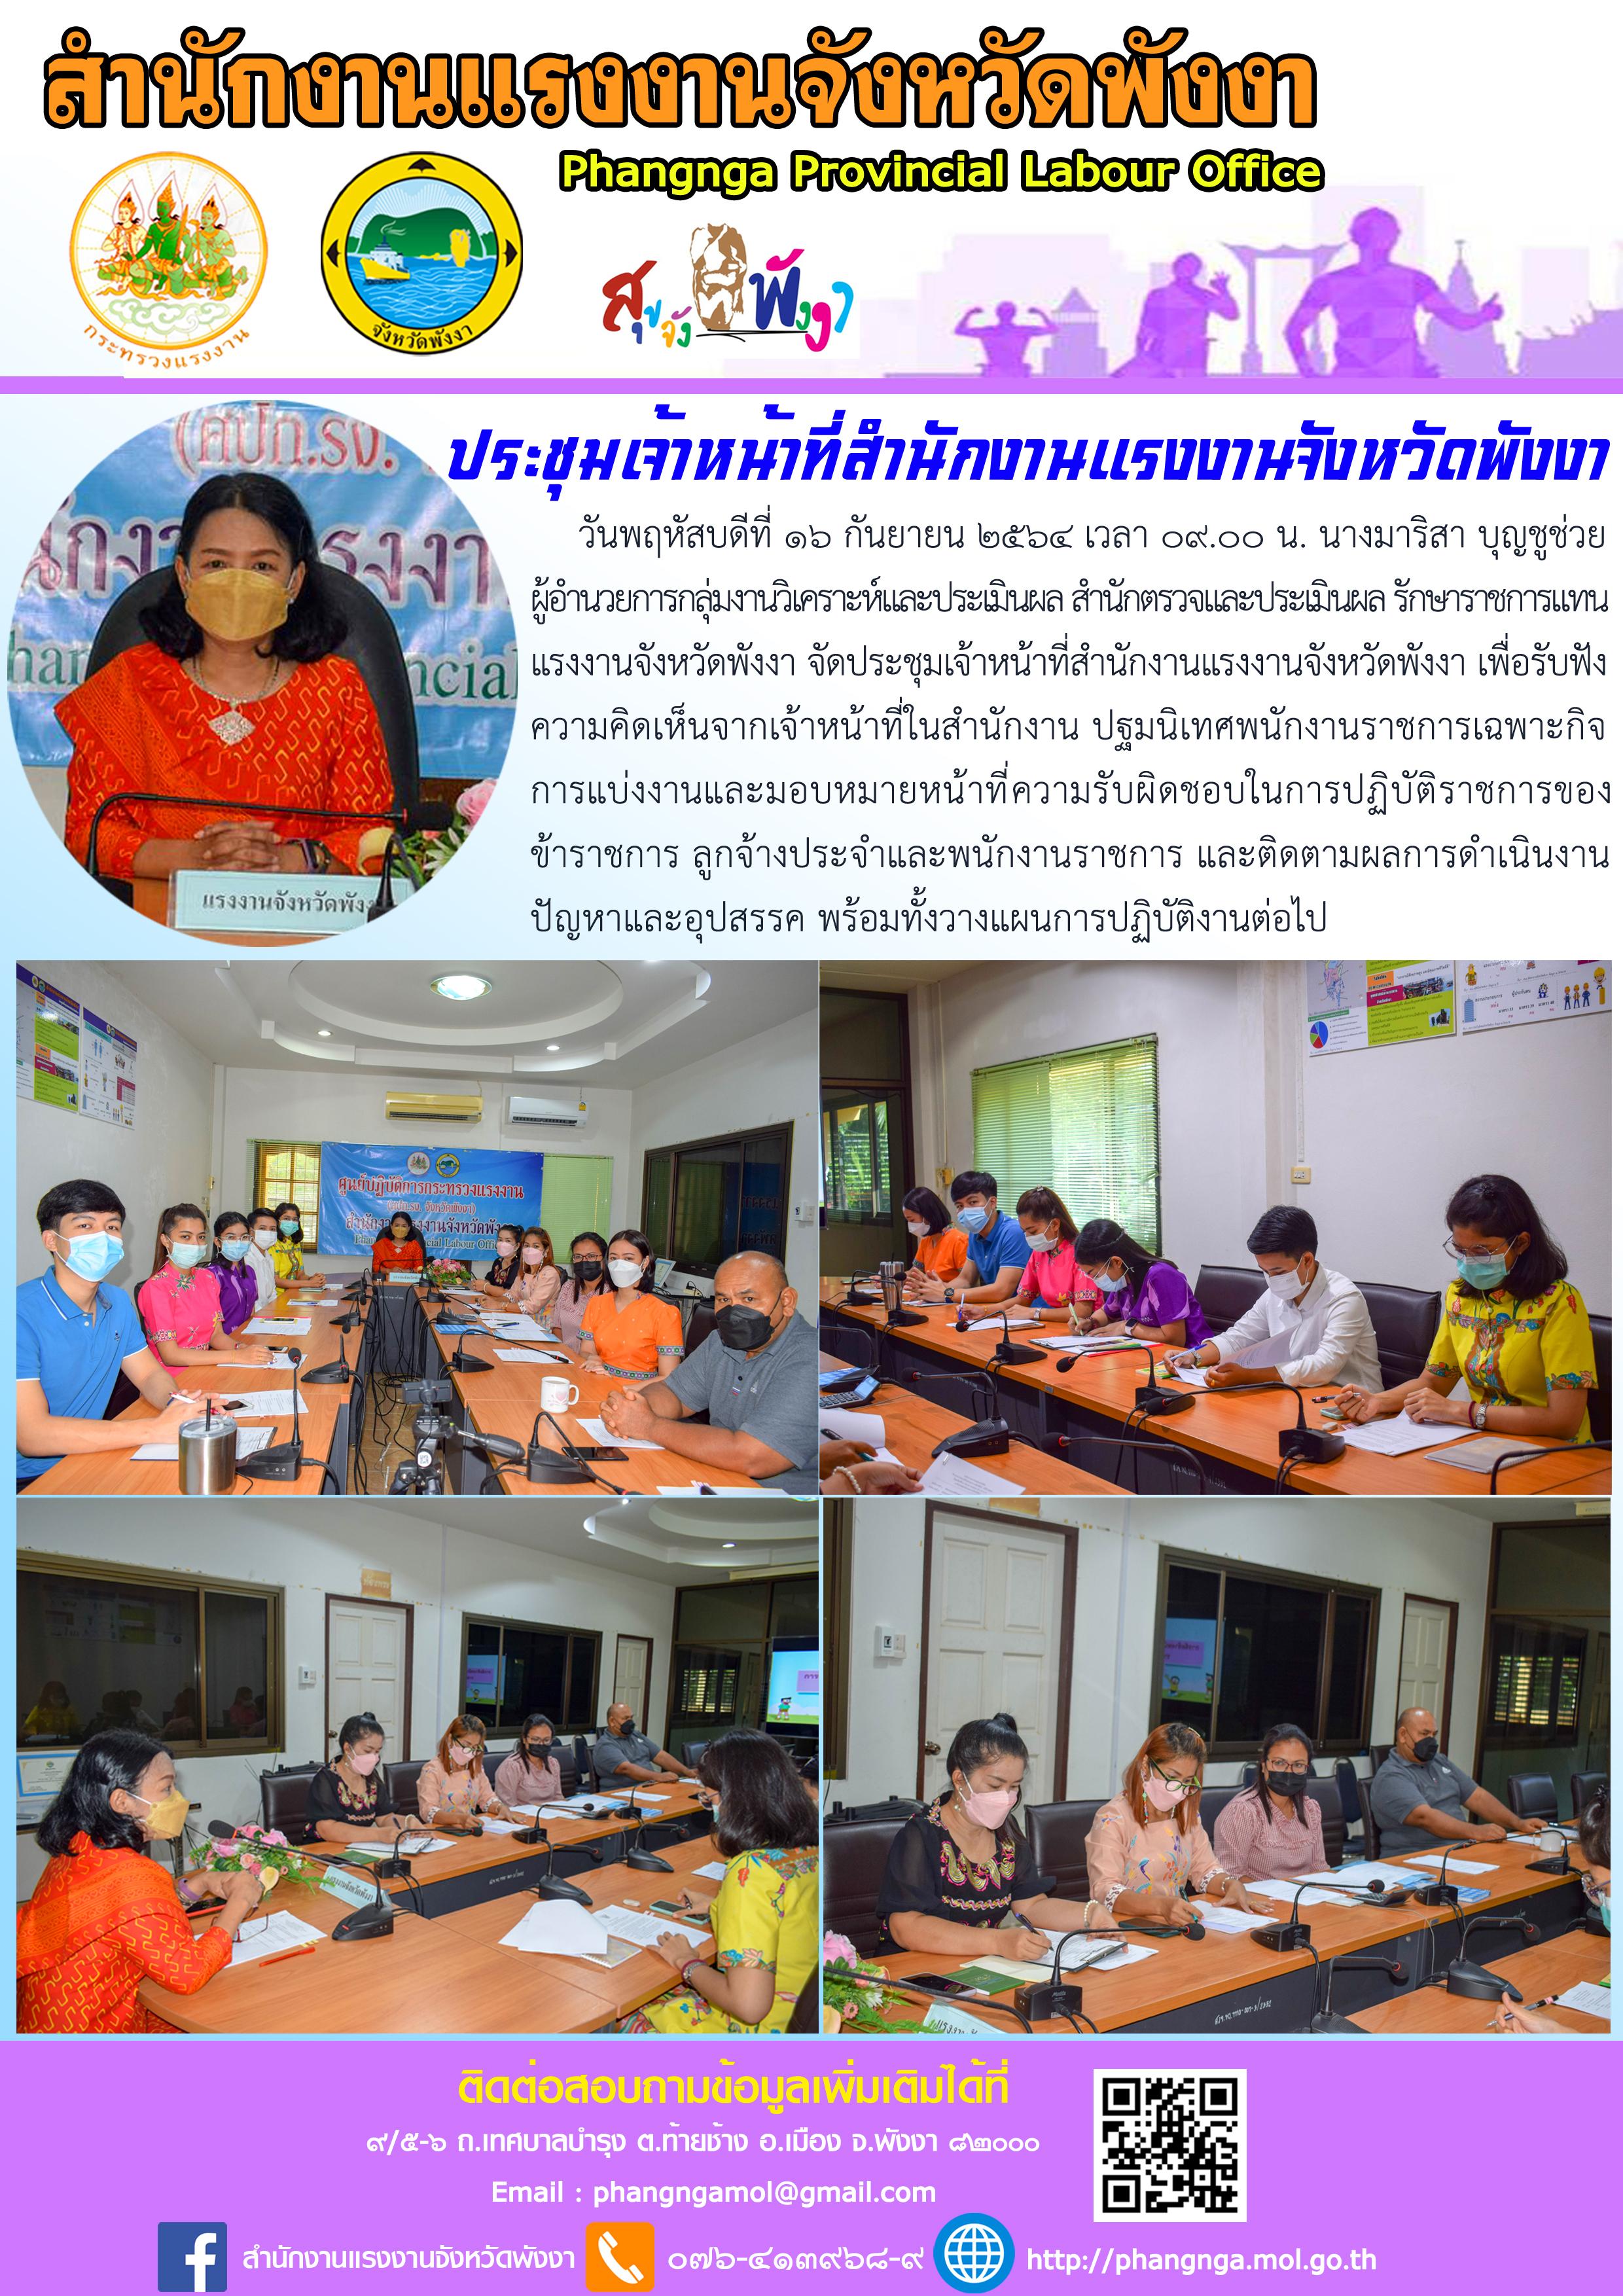 ประชุมเจ้าหน้าที่สำนักงานแรงงานจังหวัดพังงา ประจำเดือนกันยายน 2564